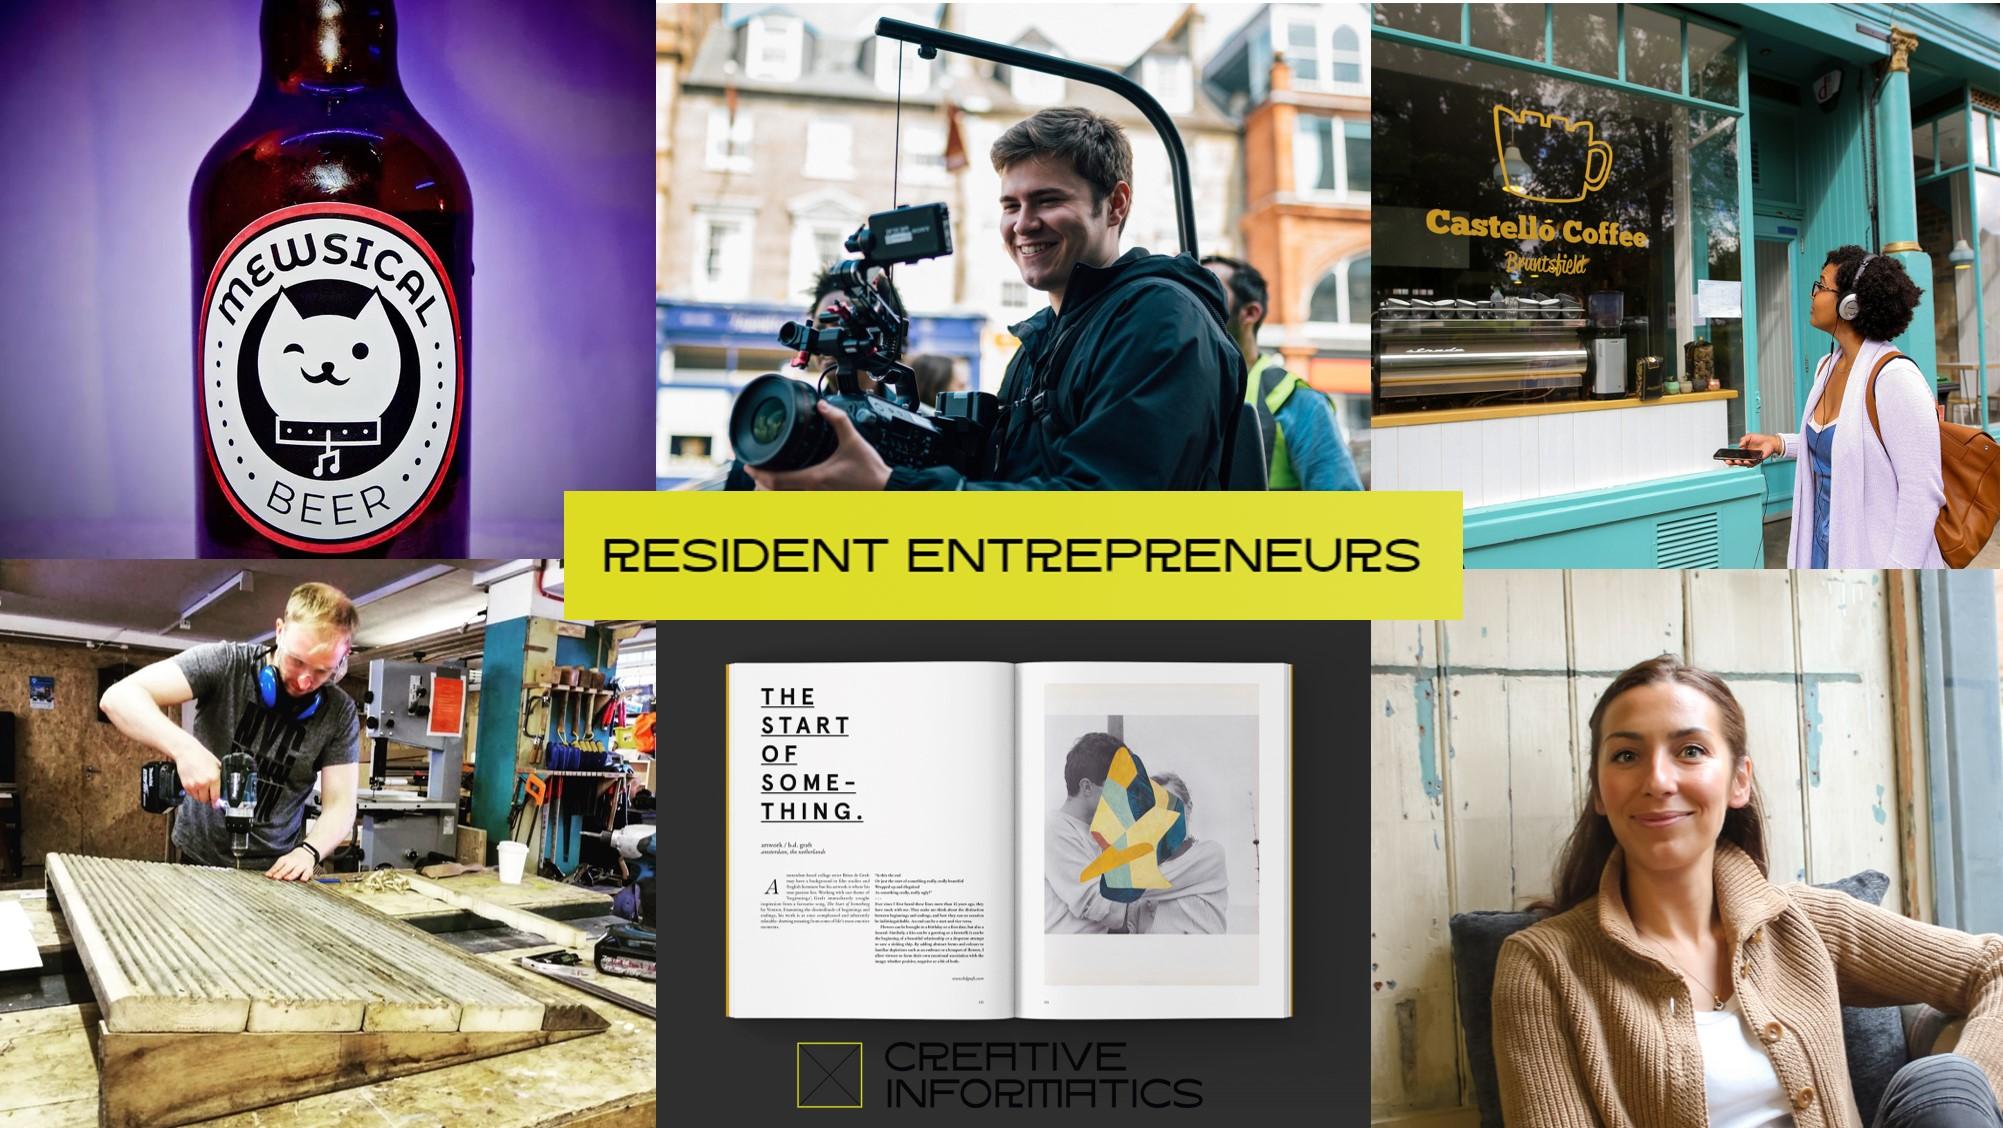 Creative Informatics call for Resident Entrepreneurs